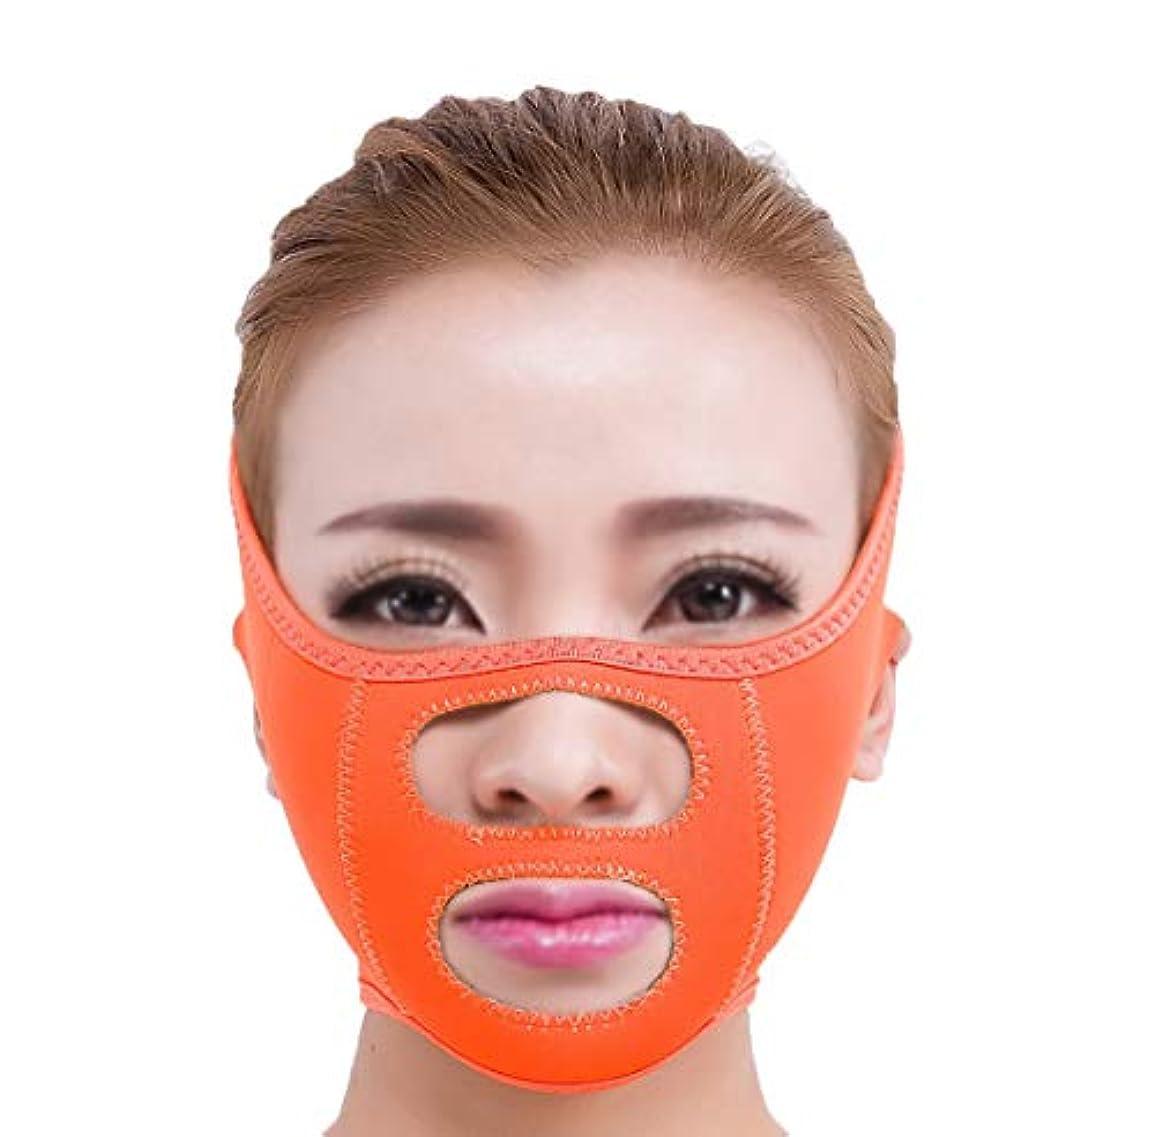 カトリック教徒金銭的な実験をするGLJJQMY スリムベルトマスク薄い顔マスク睡眠薄い顔マスク薄い顔包帯薄い顔アーティファクト薄い顔薄い顔薄い顔小さいV顔睡眠薄い顔ベルト 顔用整形マスク (Color : Blue)